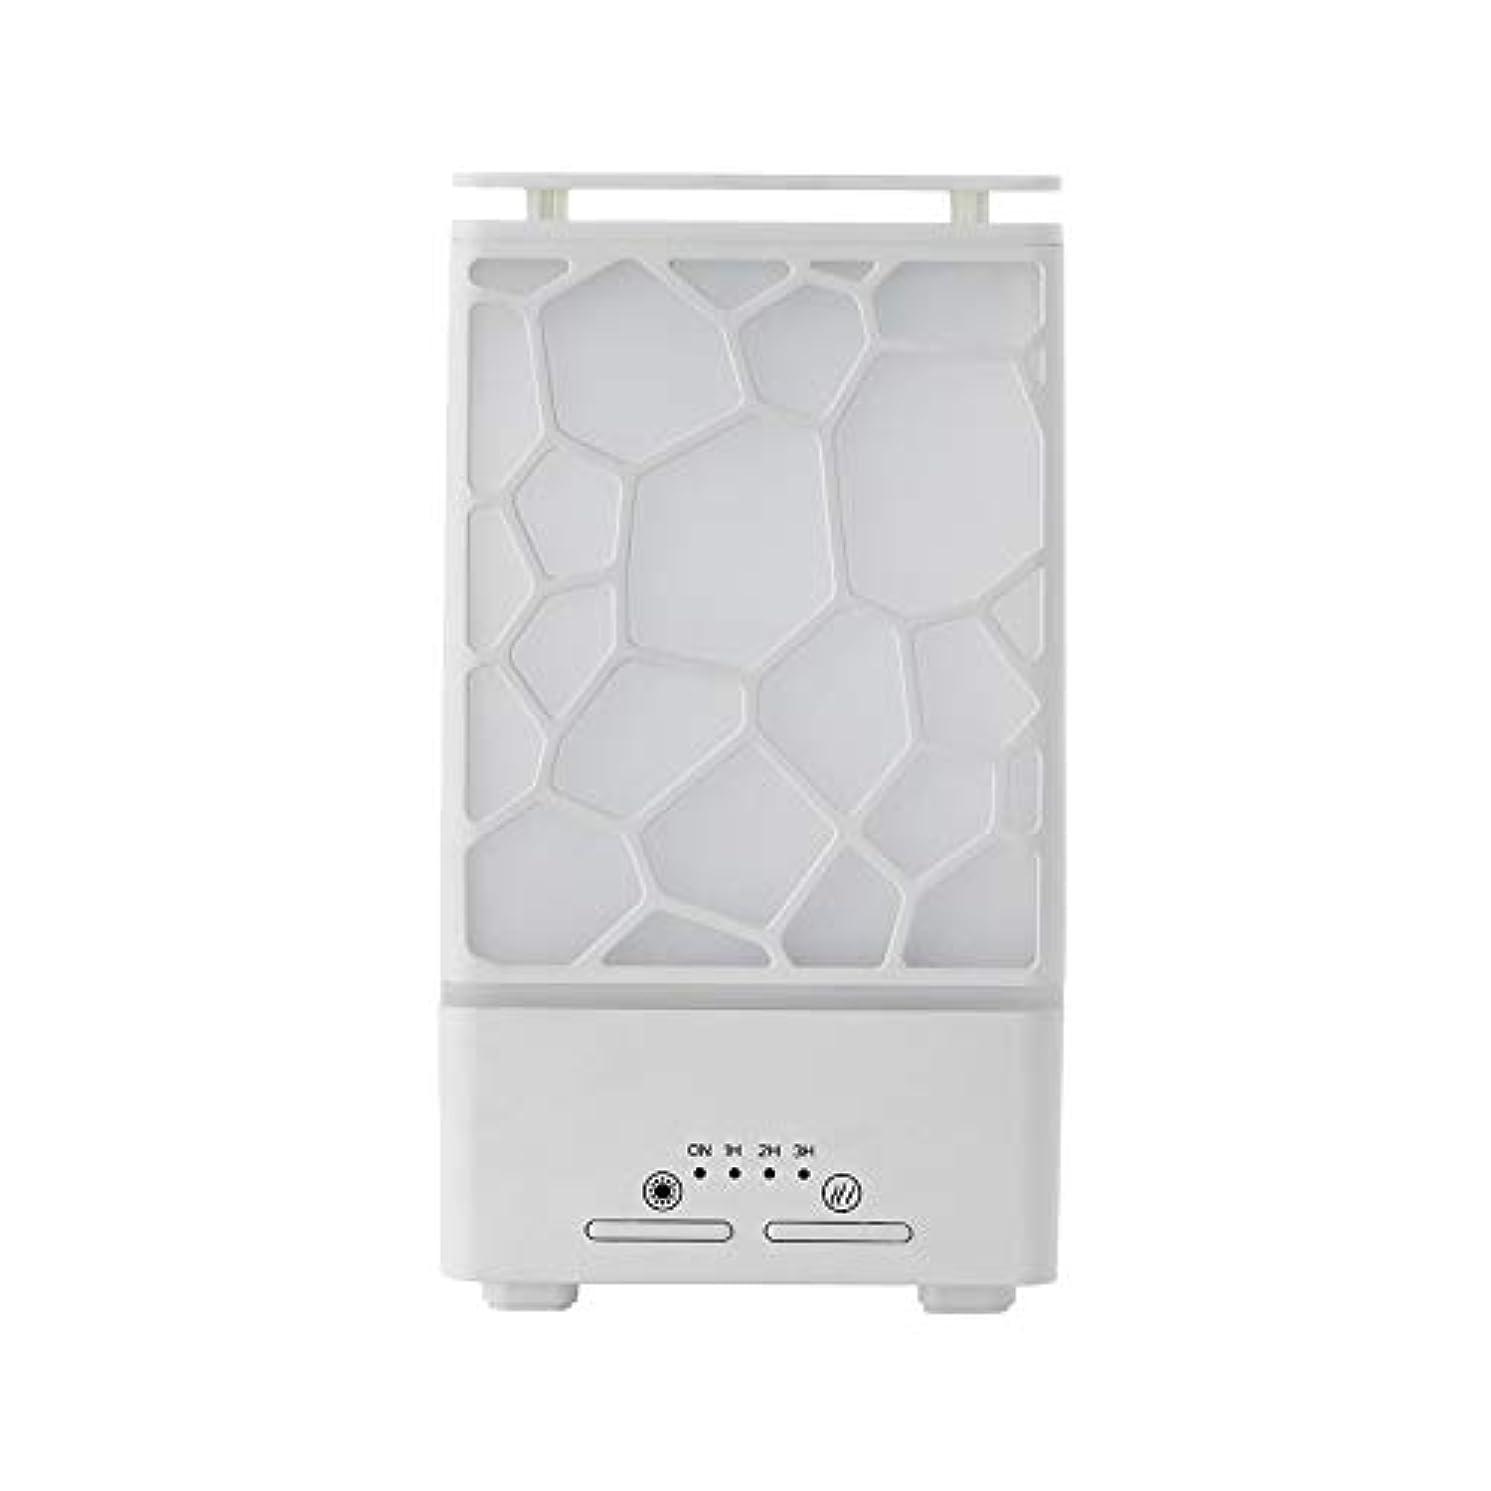 宿題厳密にロープyanQxIzbiu Essential Oil Diffuser Geometric Plaid Aroma Essential Oil Diffuser Home Office LED Lights Humidifier...